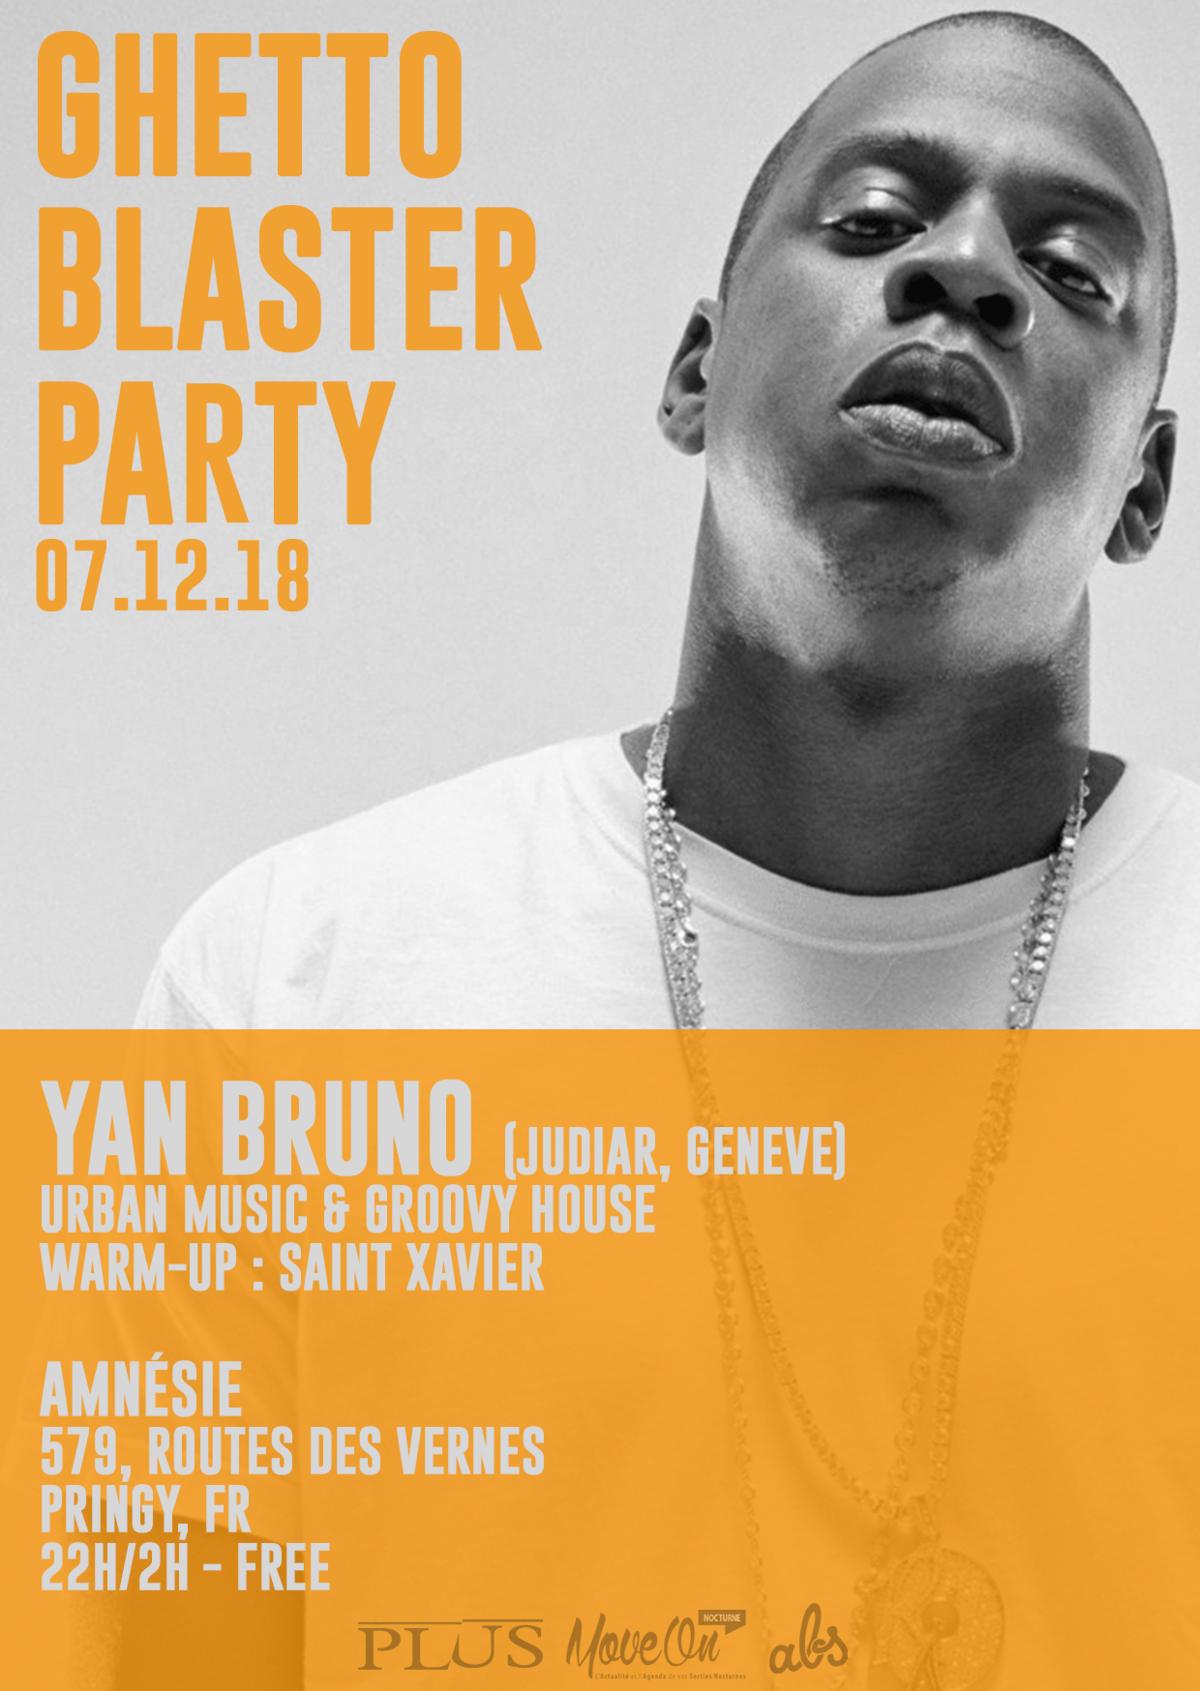 GHETTOBLASTER PARTY - Yan Bruno + Saint Xavier - l'Amnésie